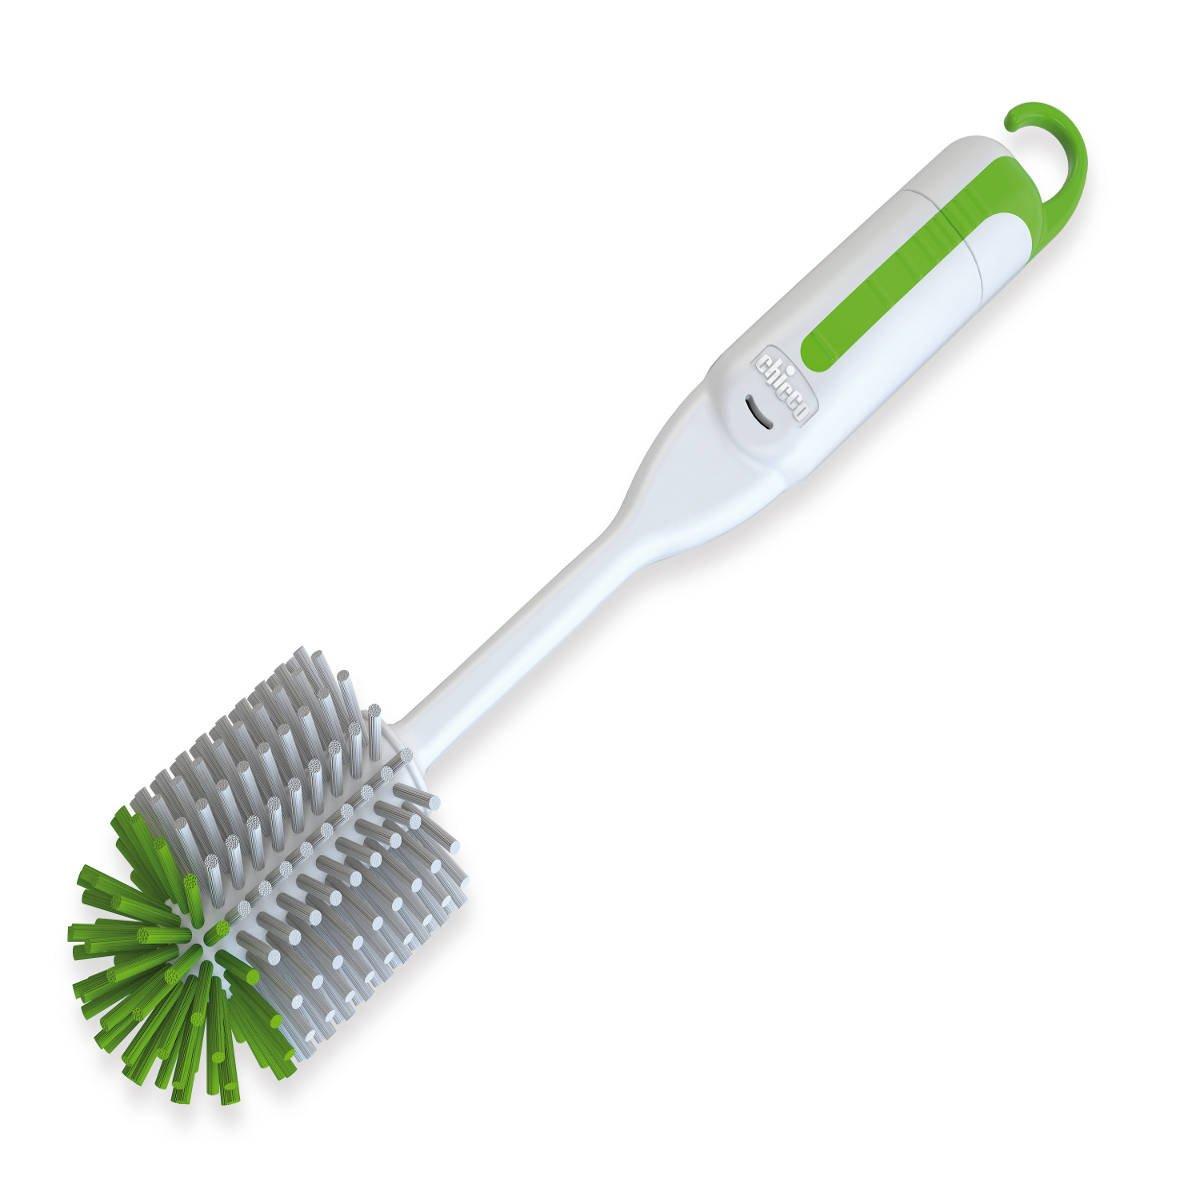 Chicco - Escobilla 2 en 1 para limpiar biberones y accesorios product image